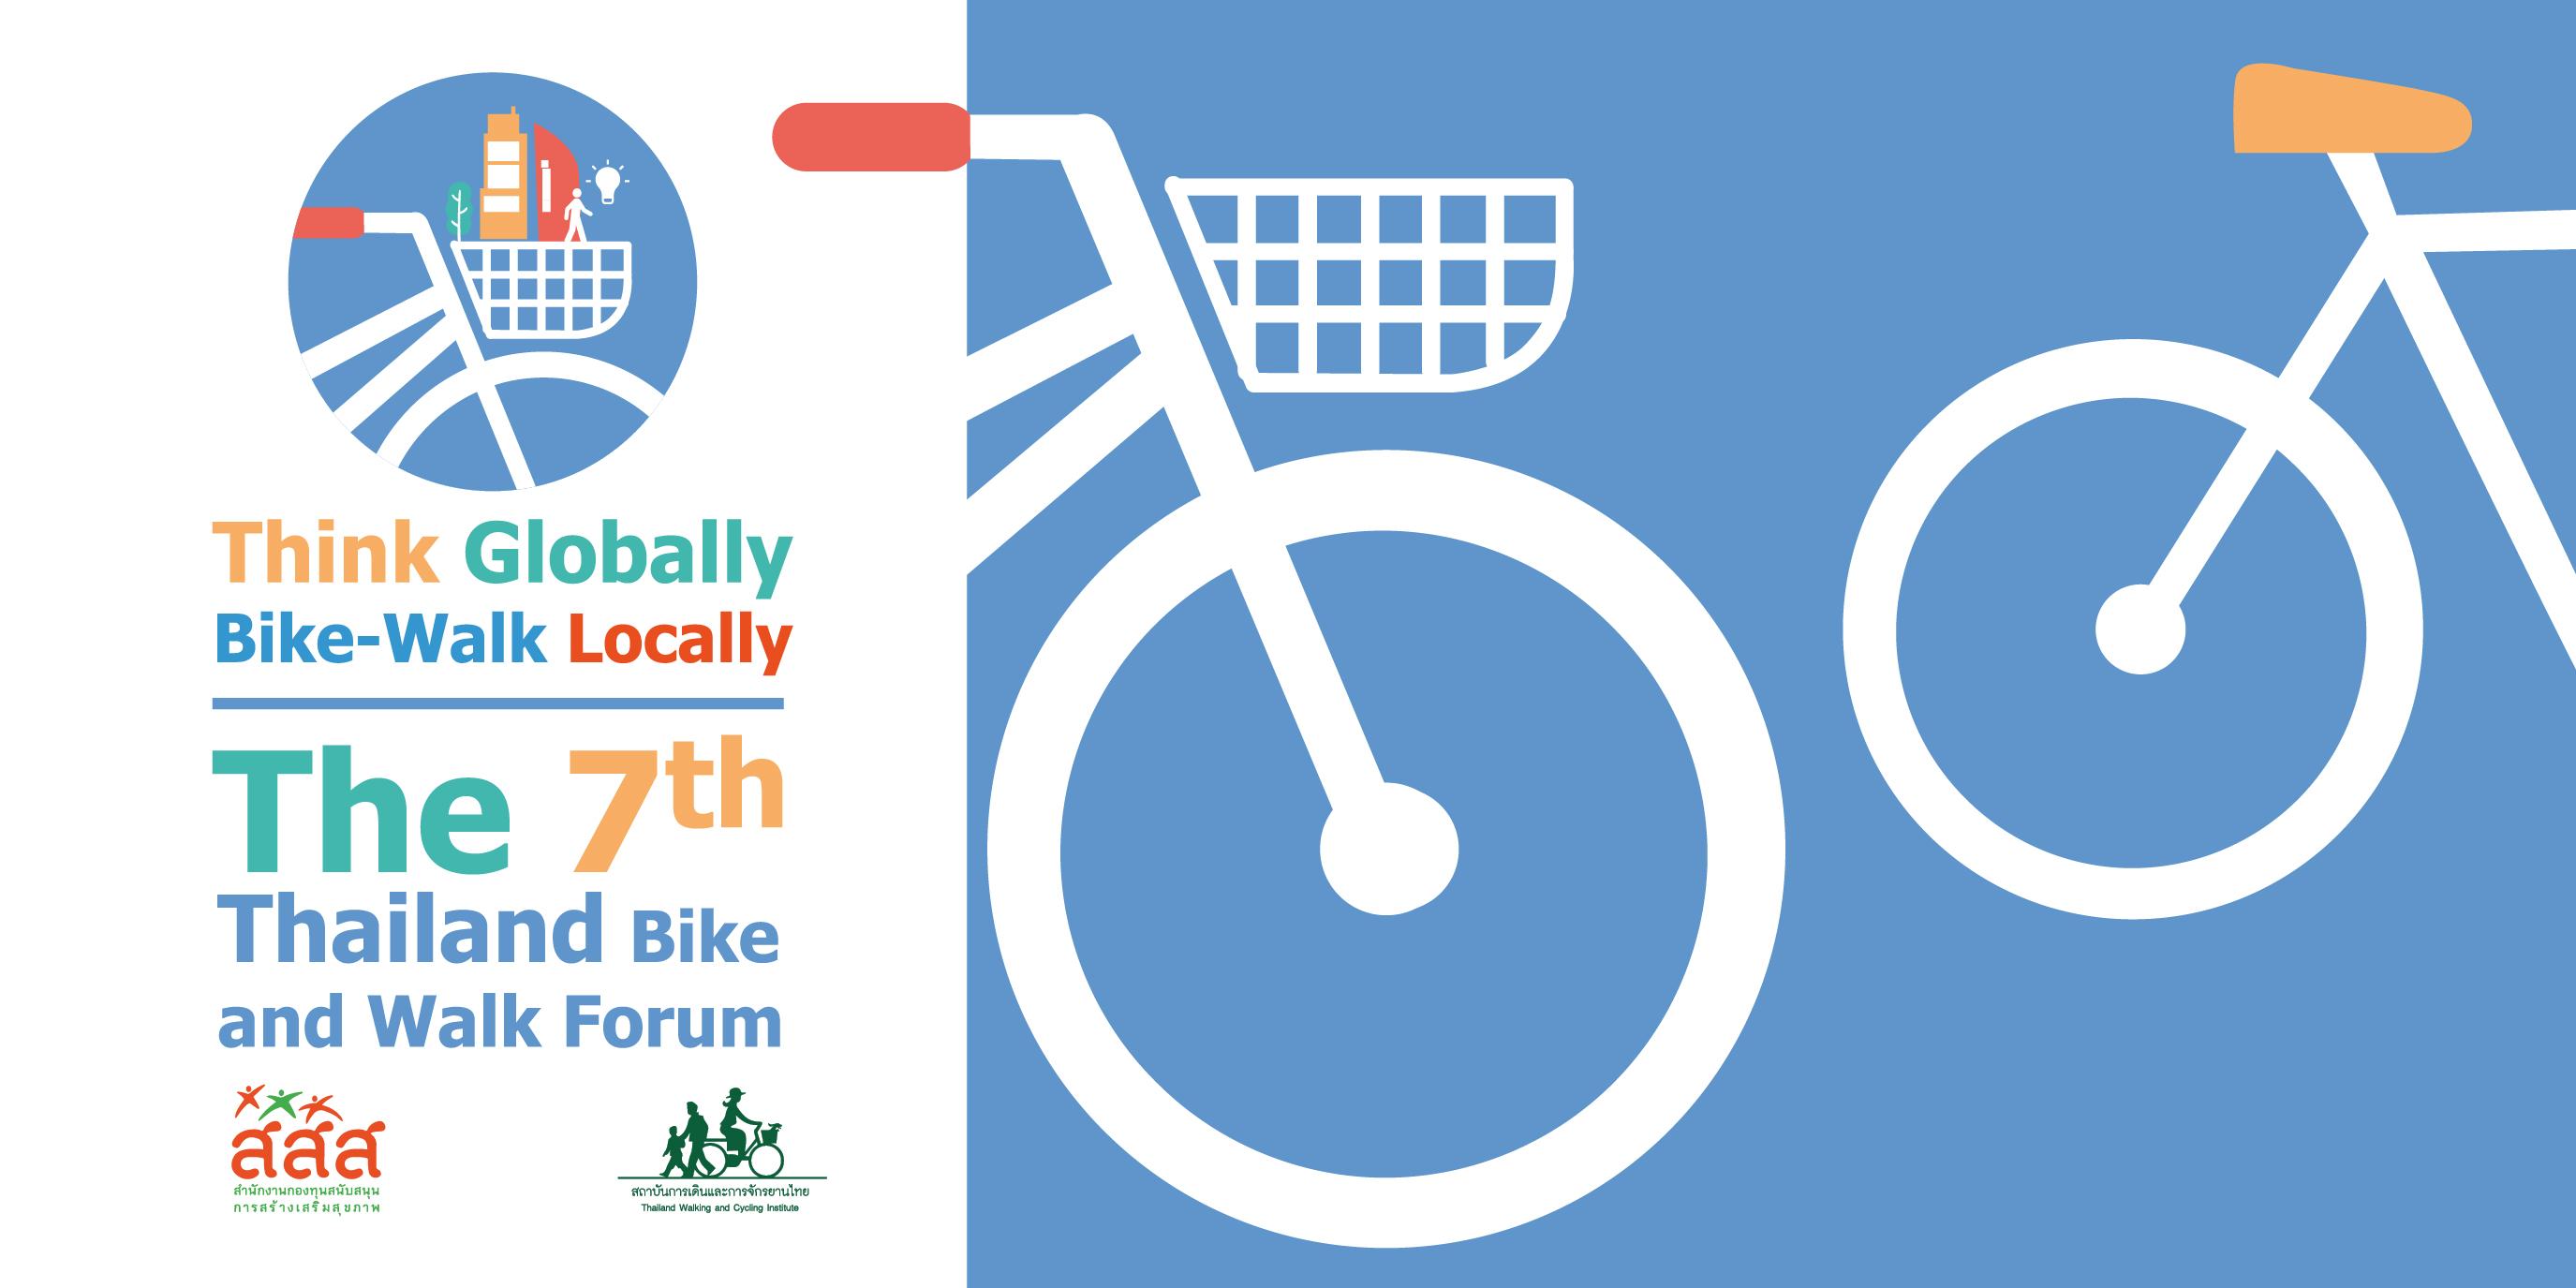 เตรียมพบกับการประชุม ส่งเสริมเดินและใช้จักรยานในชีวิตประจำวัน  ครั้งที่ 7 ประเทศไทย